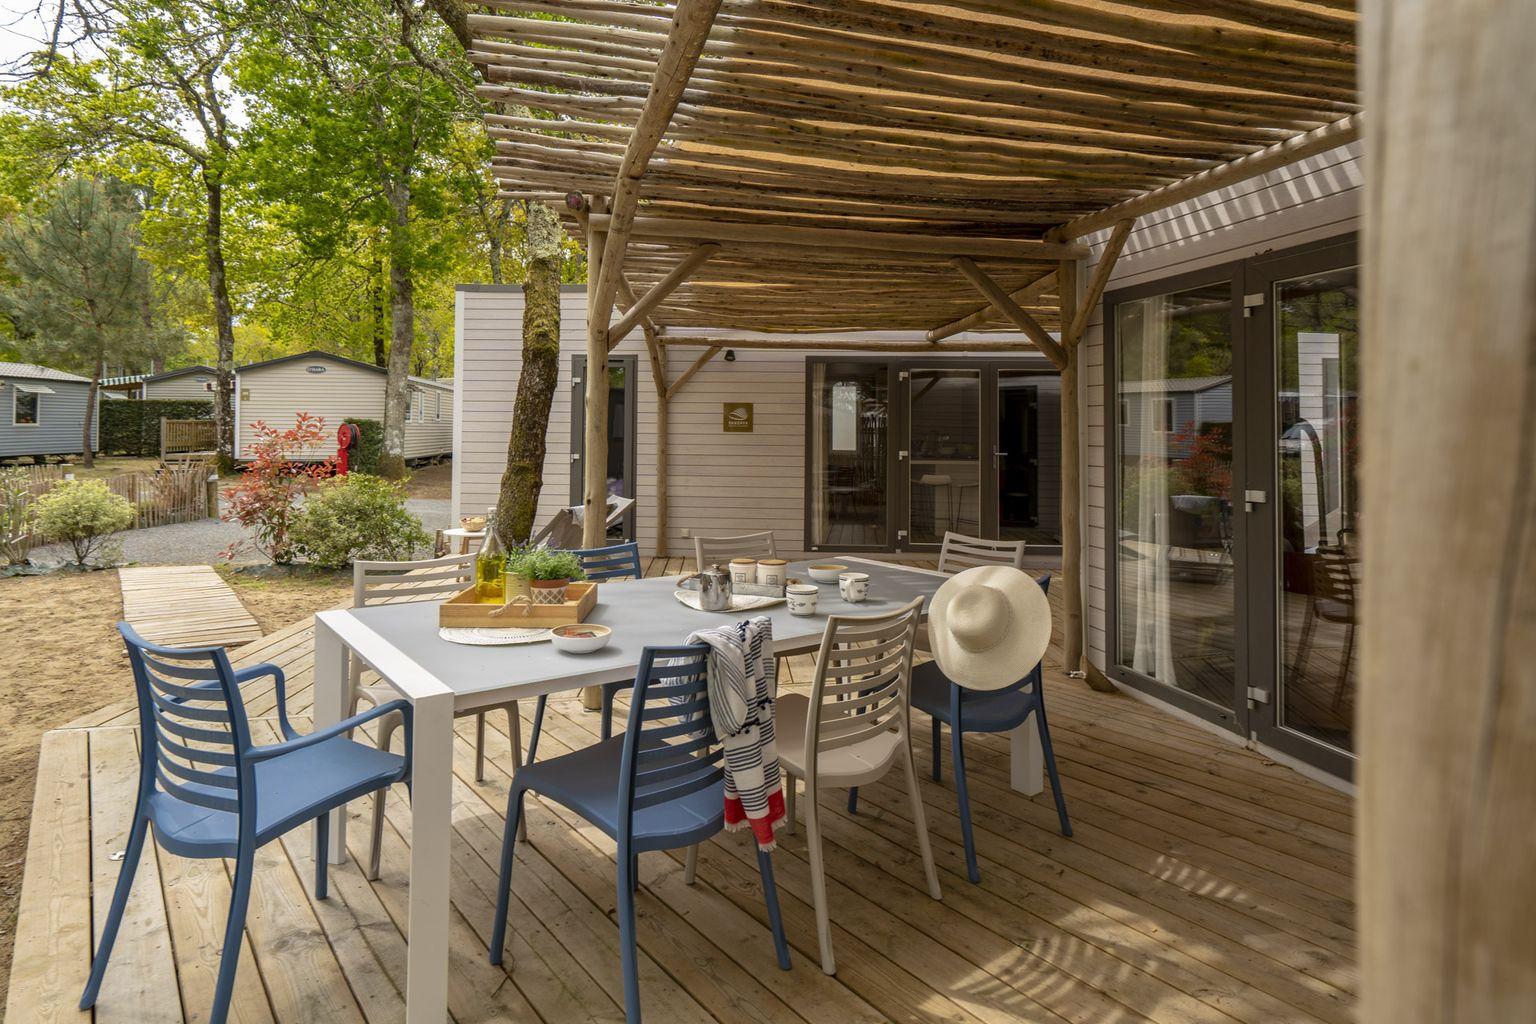 Location - Cottage Key West Double 3 Chambres Premium - Camping Sandaya L'Orée du Bois